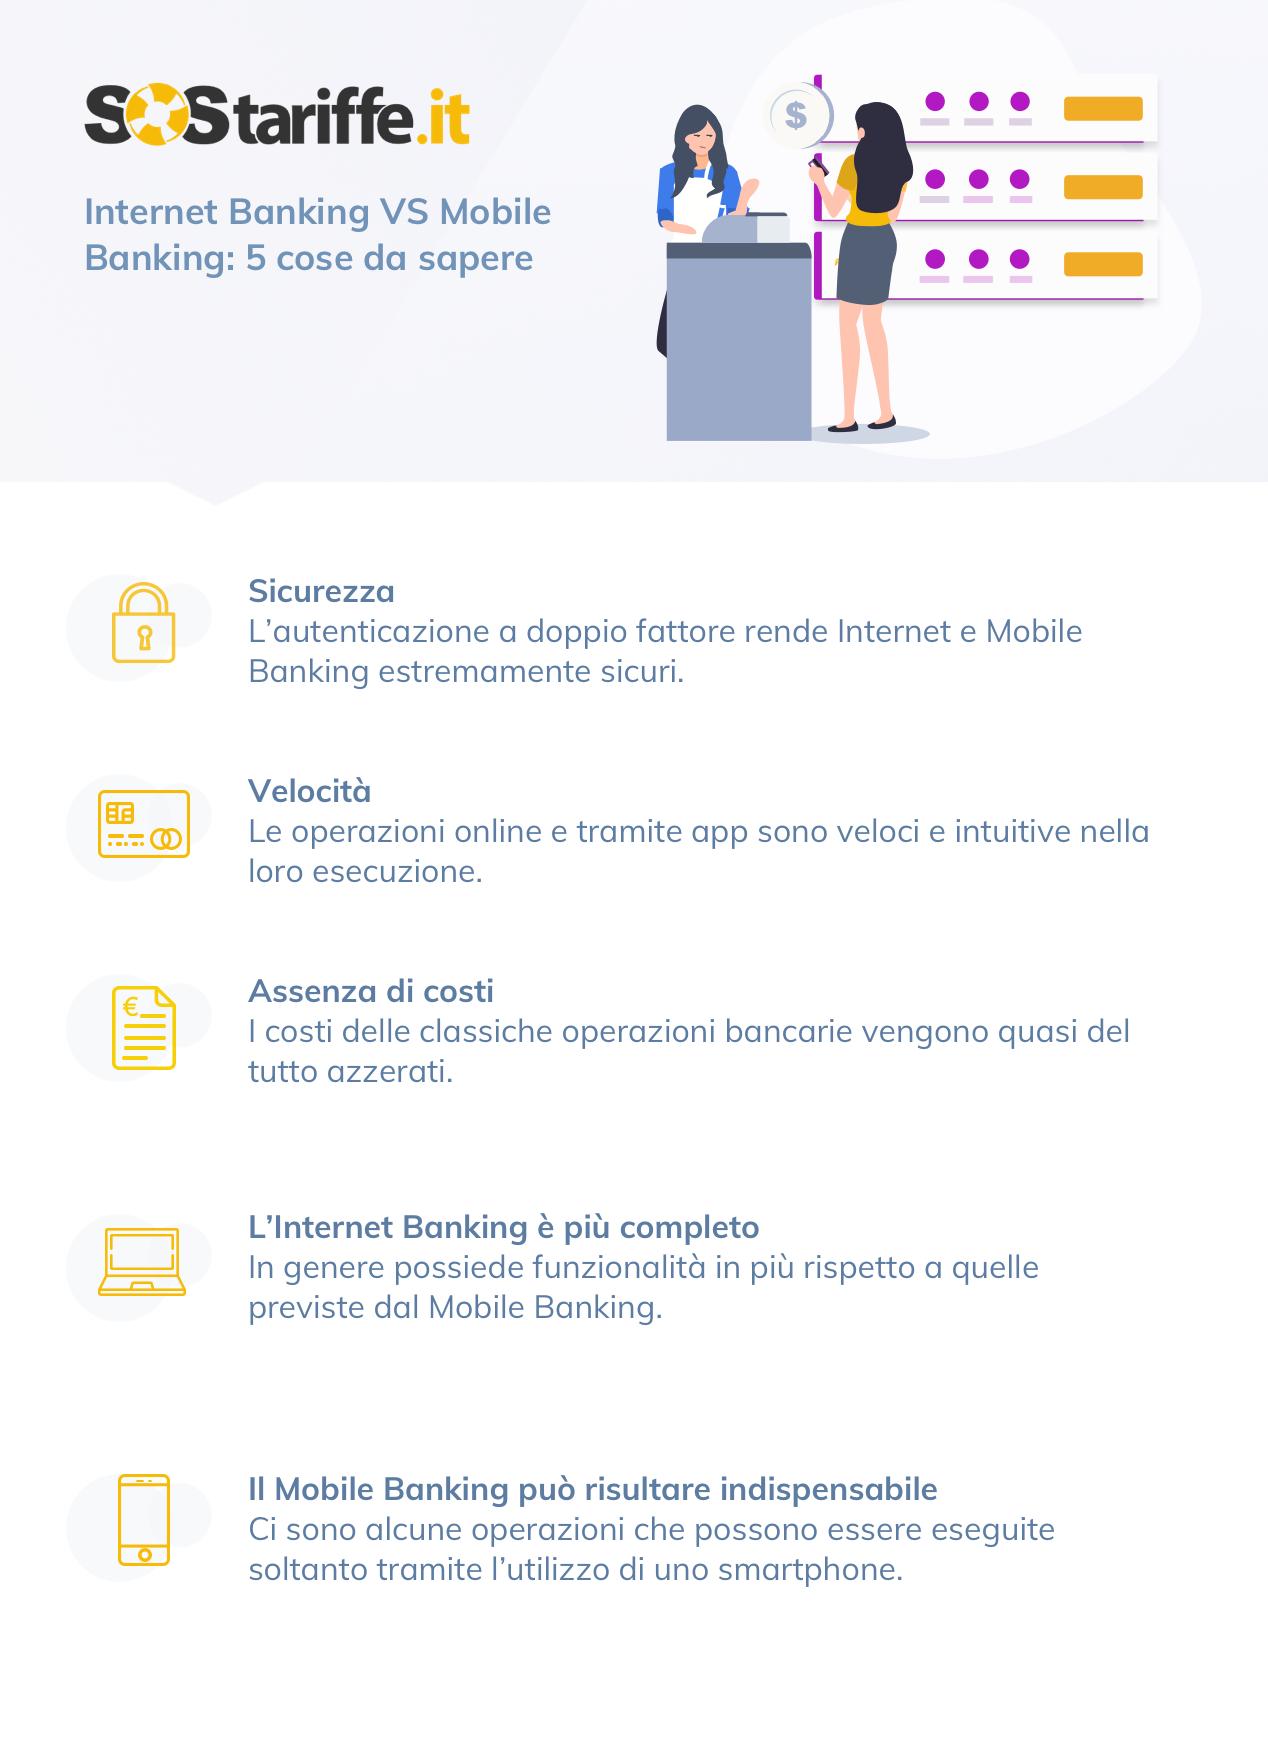 Sempre più dubbi su Internet e Mobile Banking: 5 cose da sapere per usare il conto a distanza